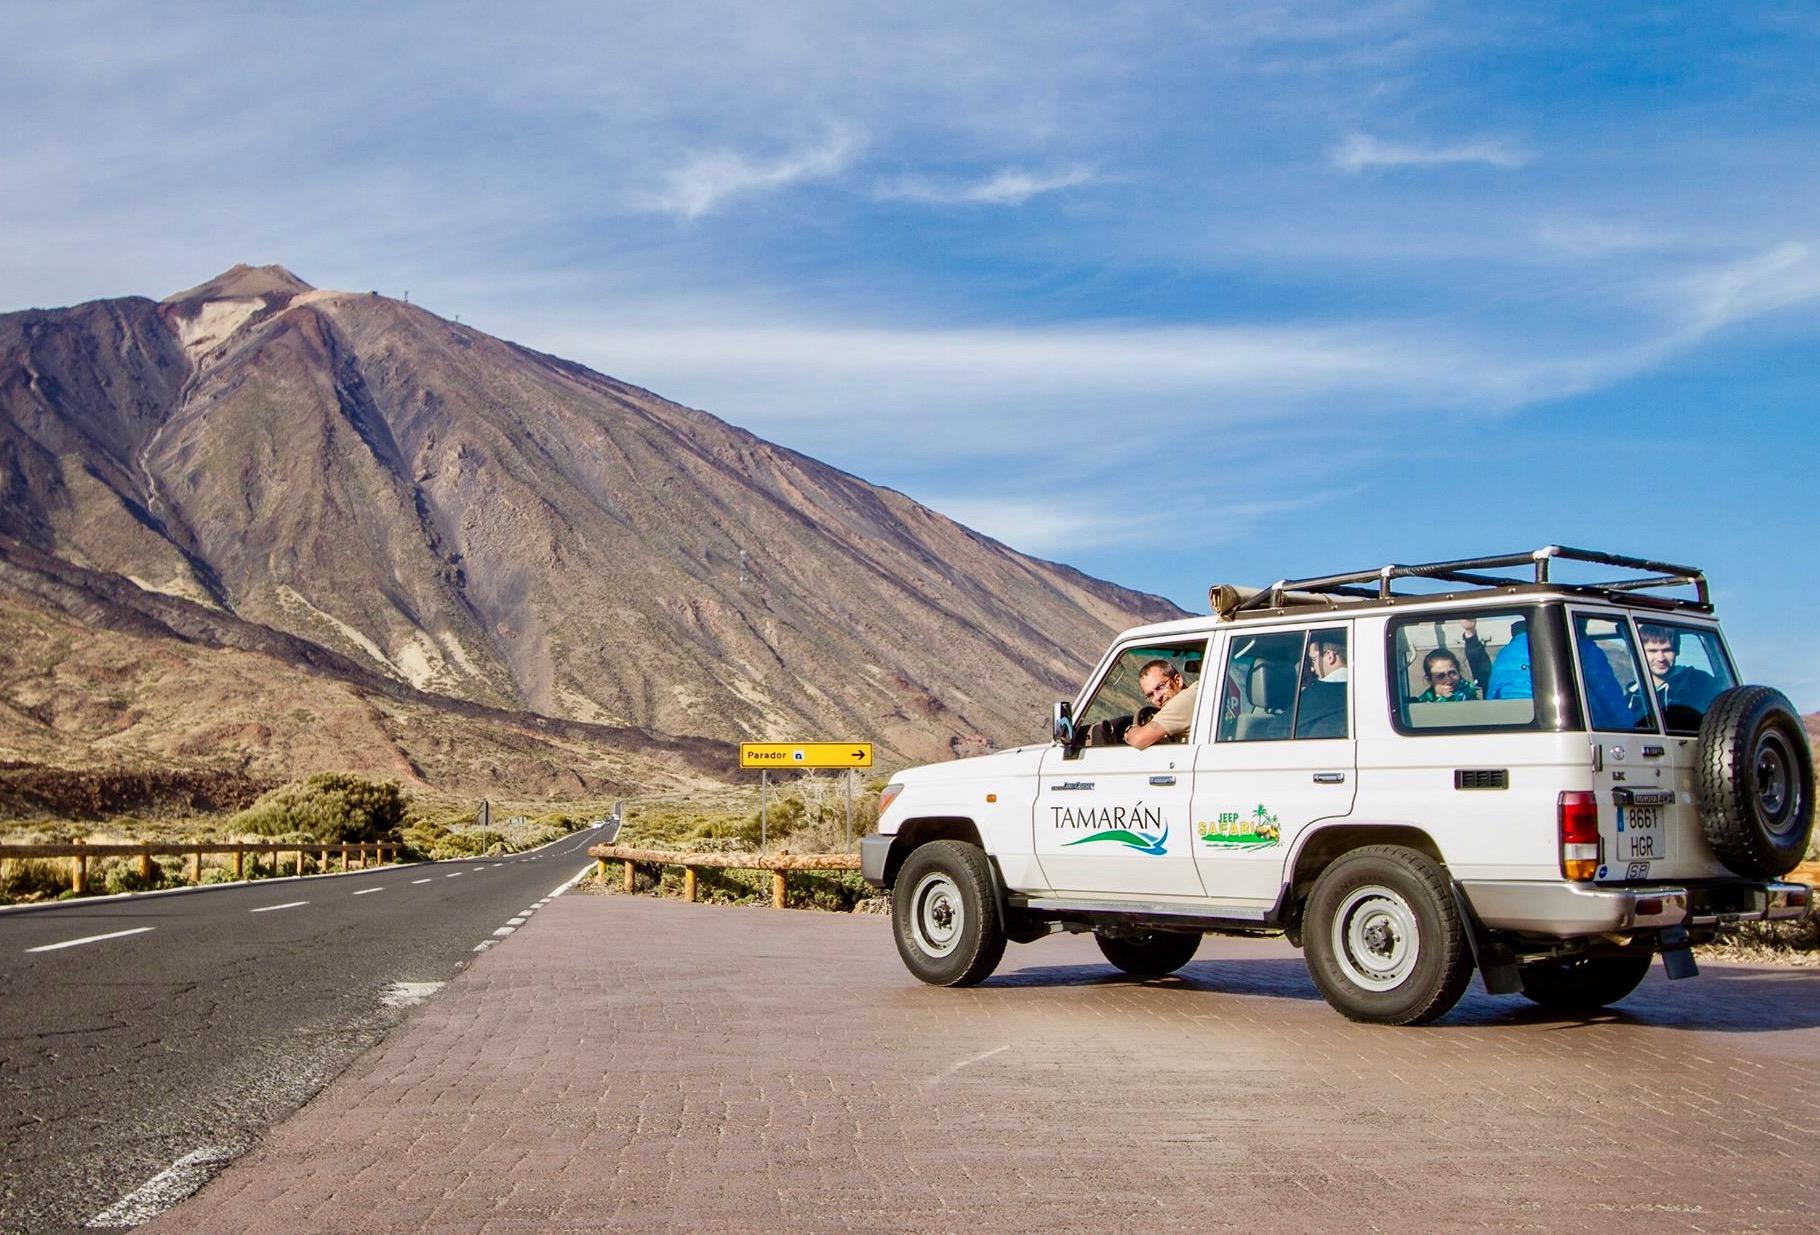 Un conductor de jeep con sus clientes y una vista majestuosa del Teide al fondo.